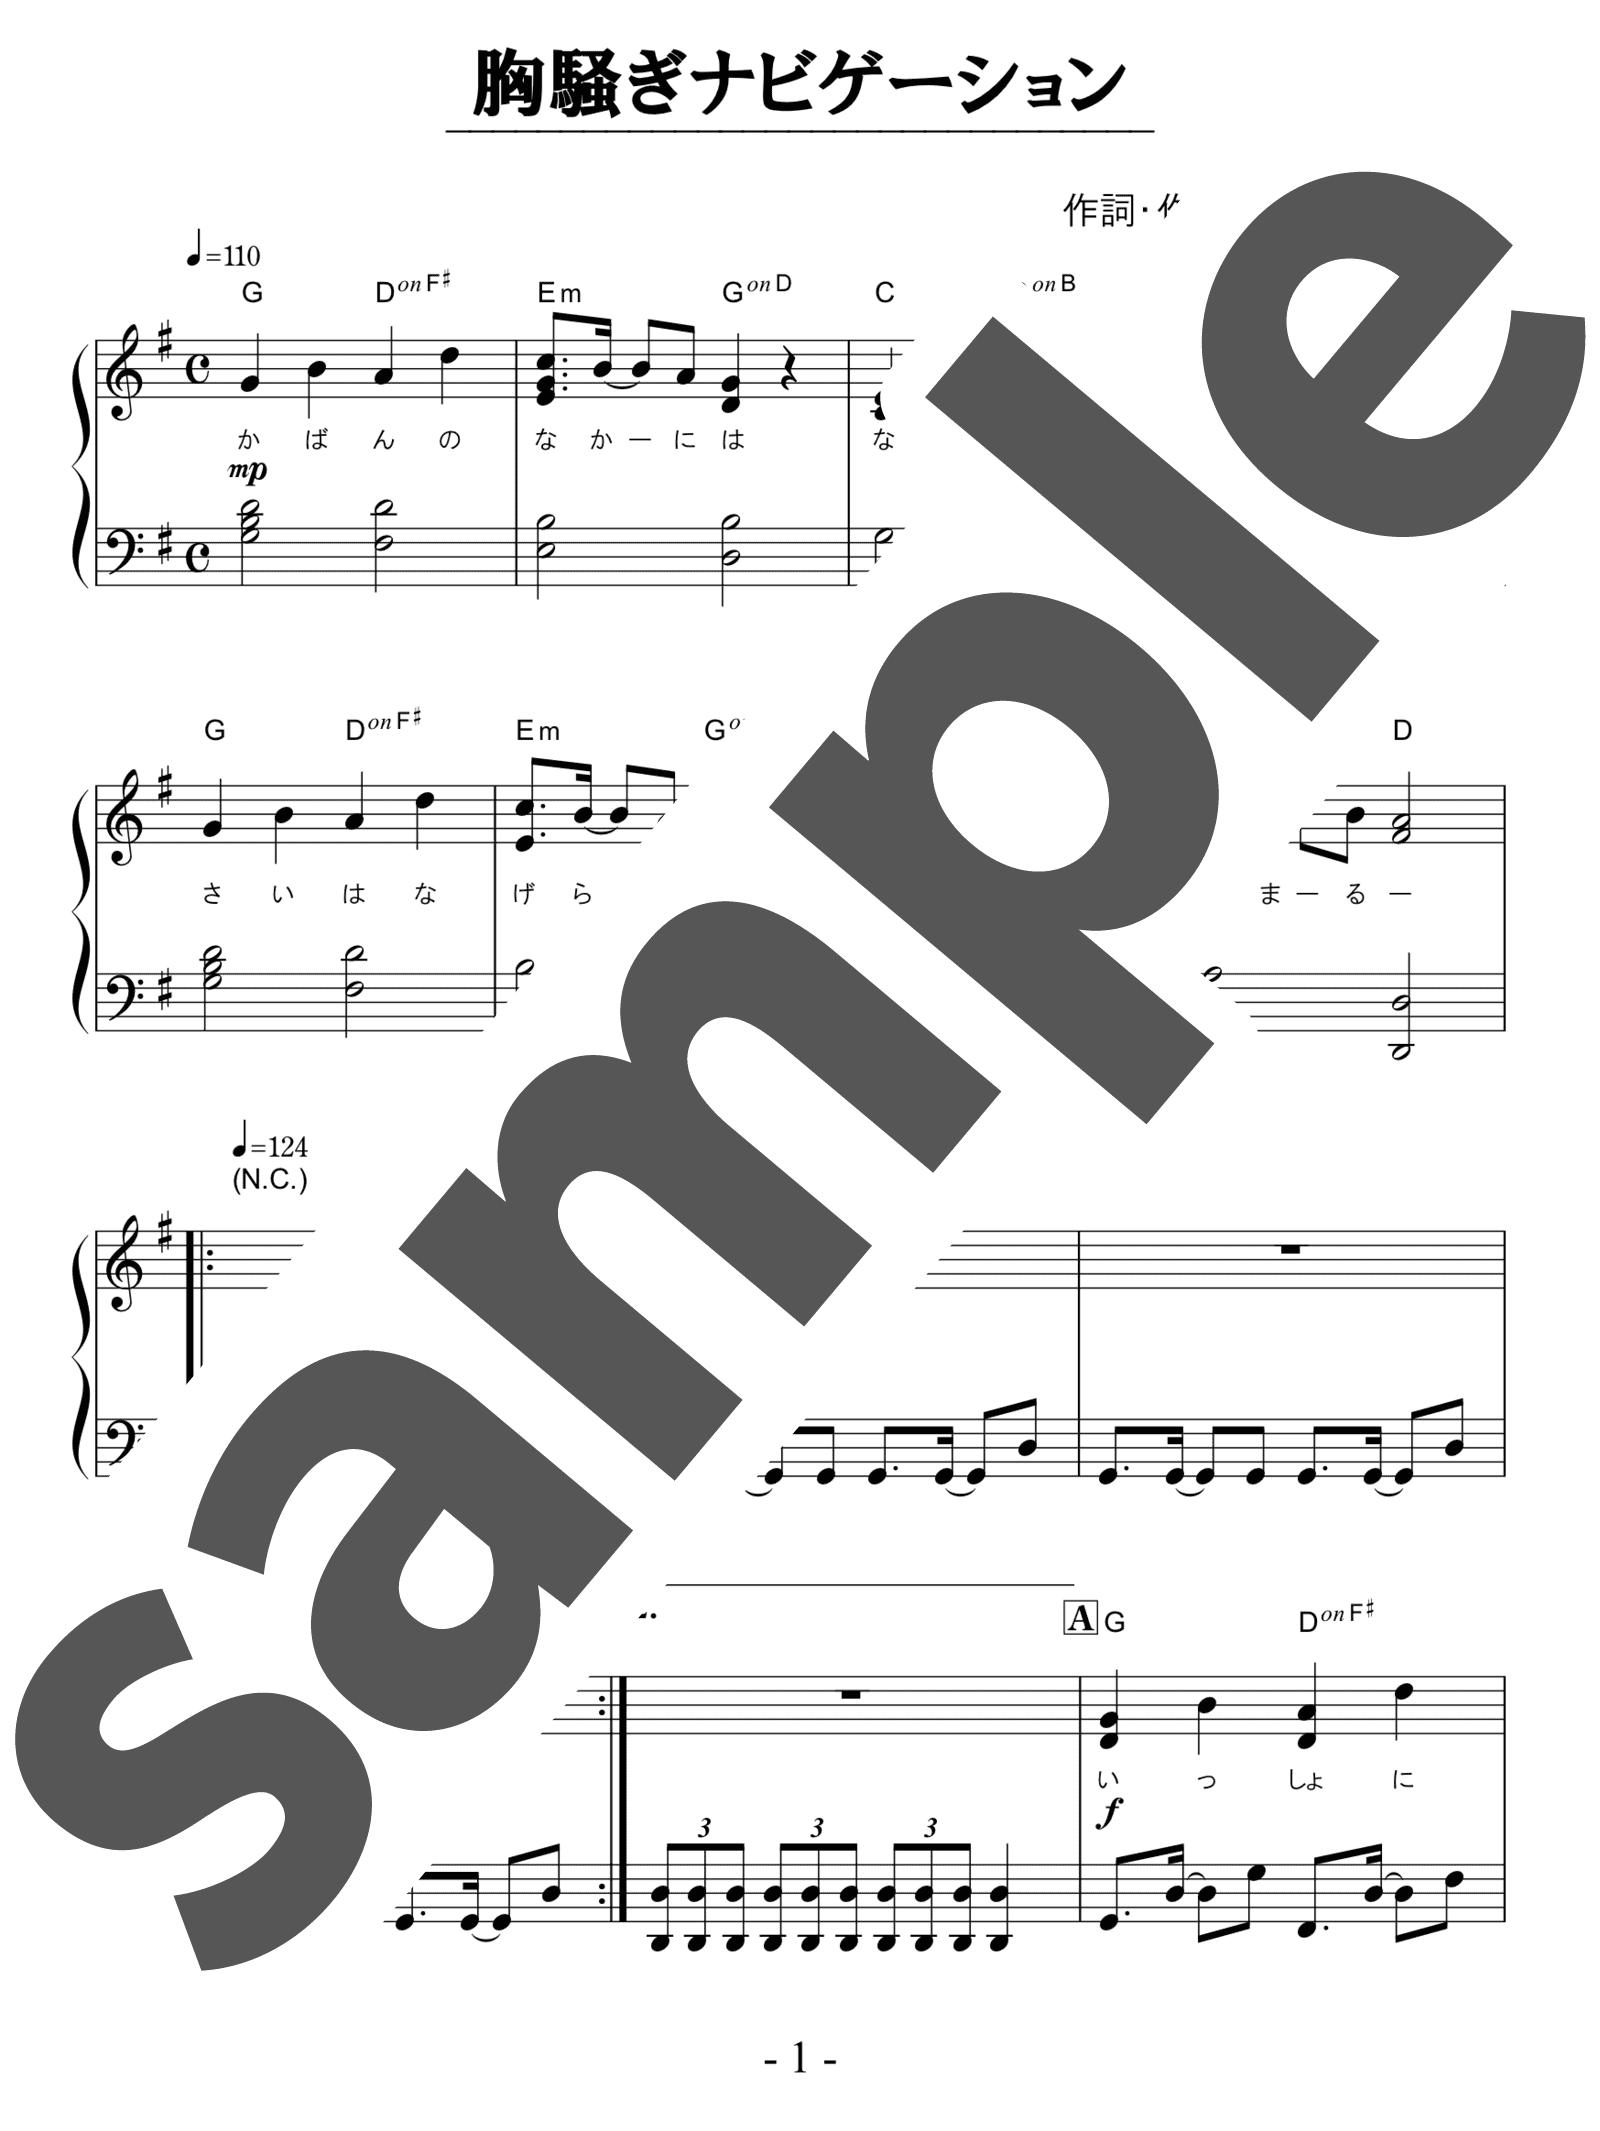 「胸騒ぎナビゲーション」のサンプル楽譜